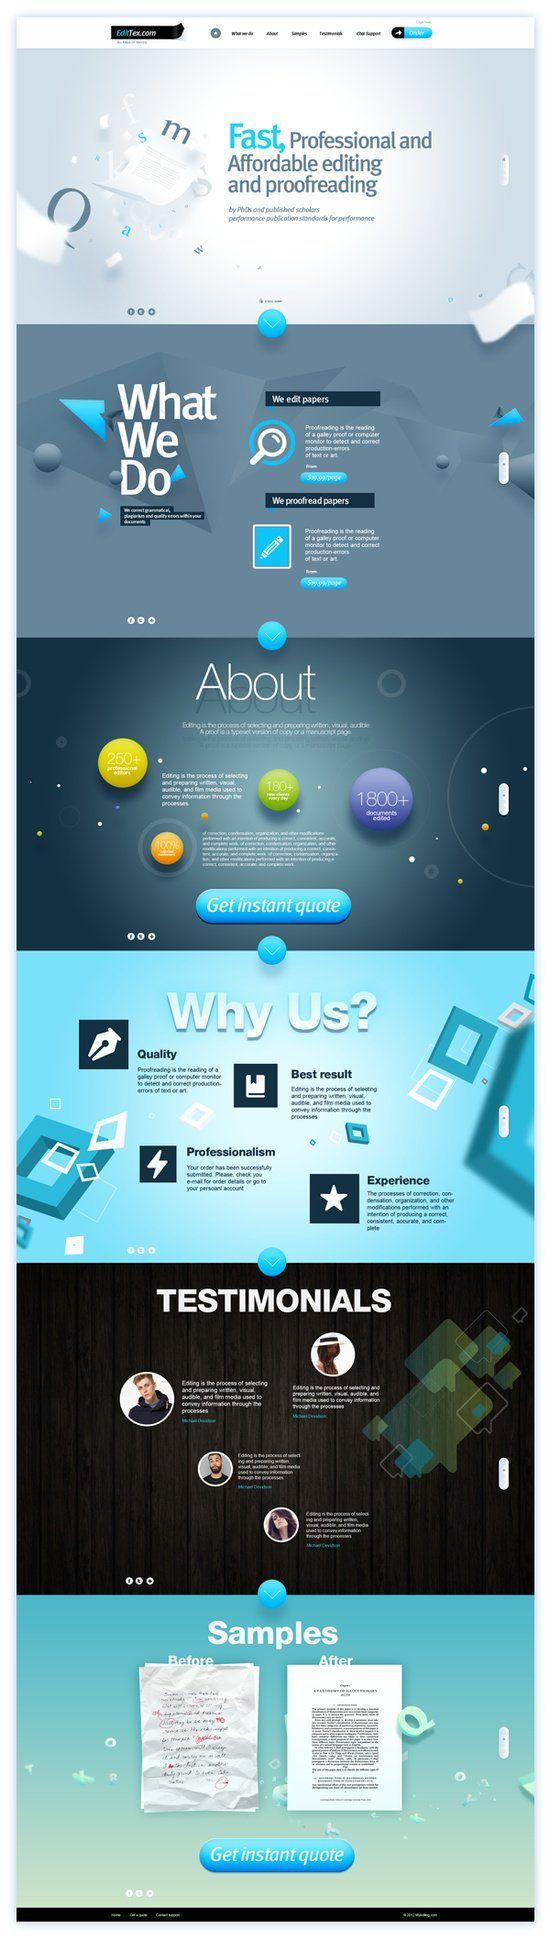 Cool Web Design on the Internet, EdiTex.com. #webdesign #webdevelopment #website @ http://www.pinterest.com/alfredchong/web-design/